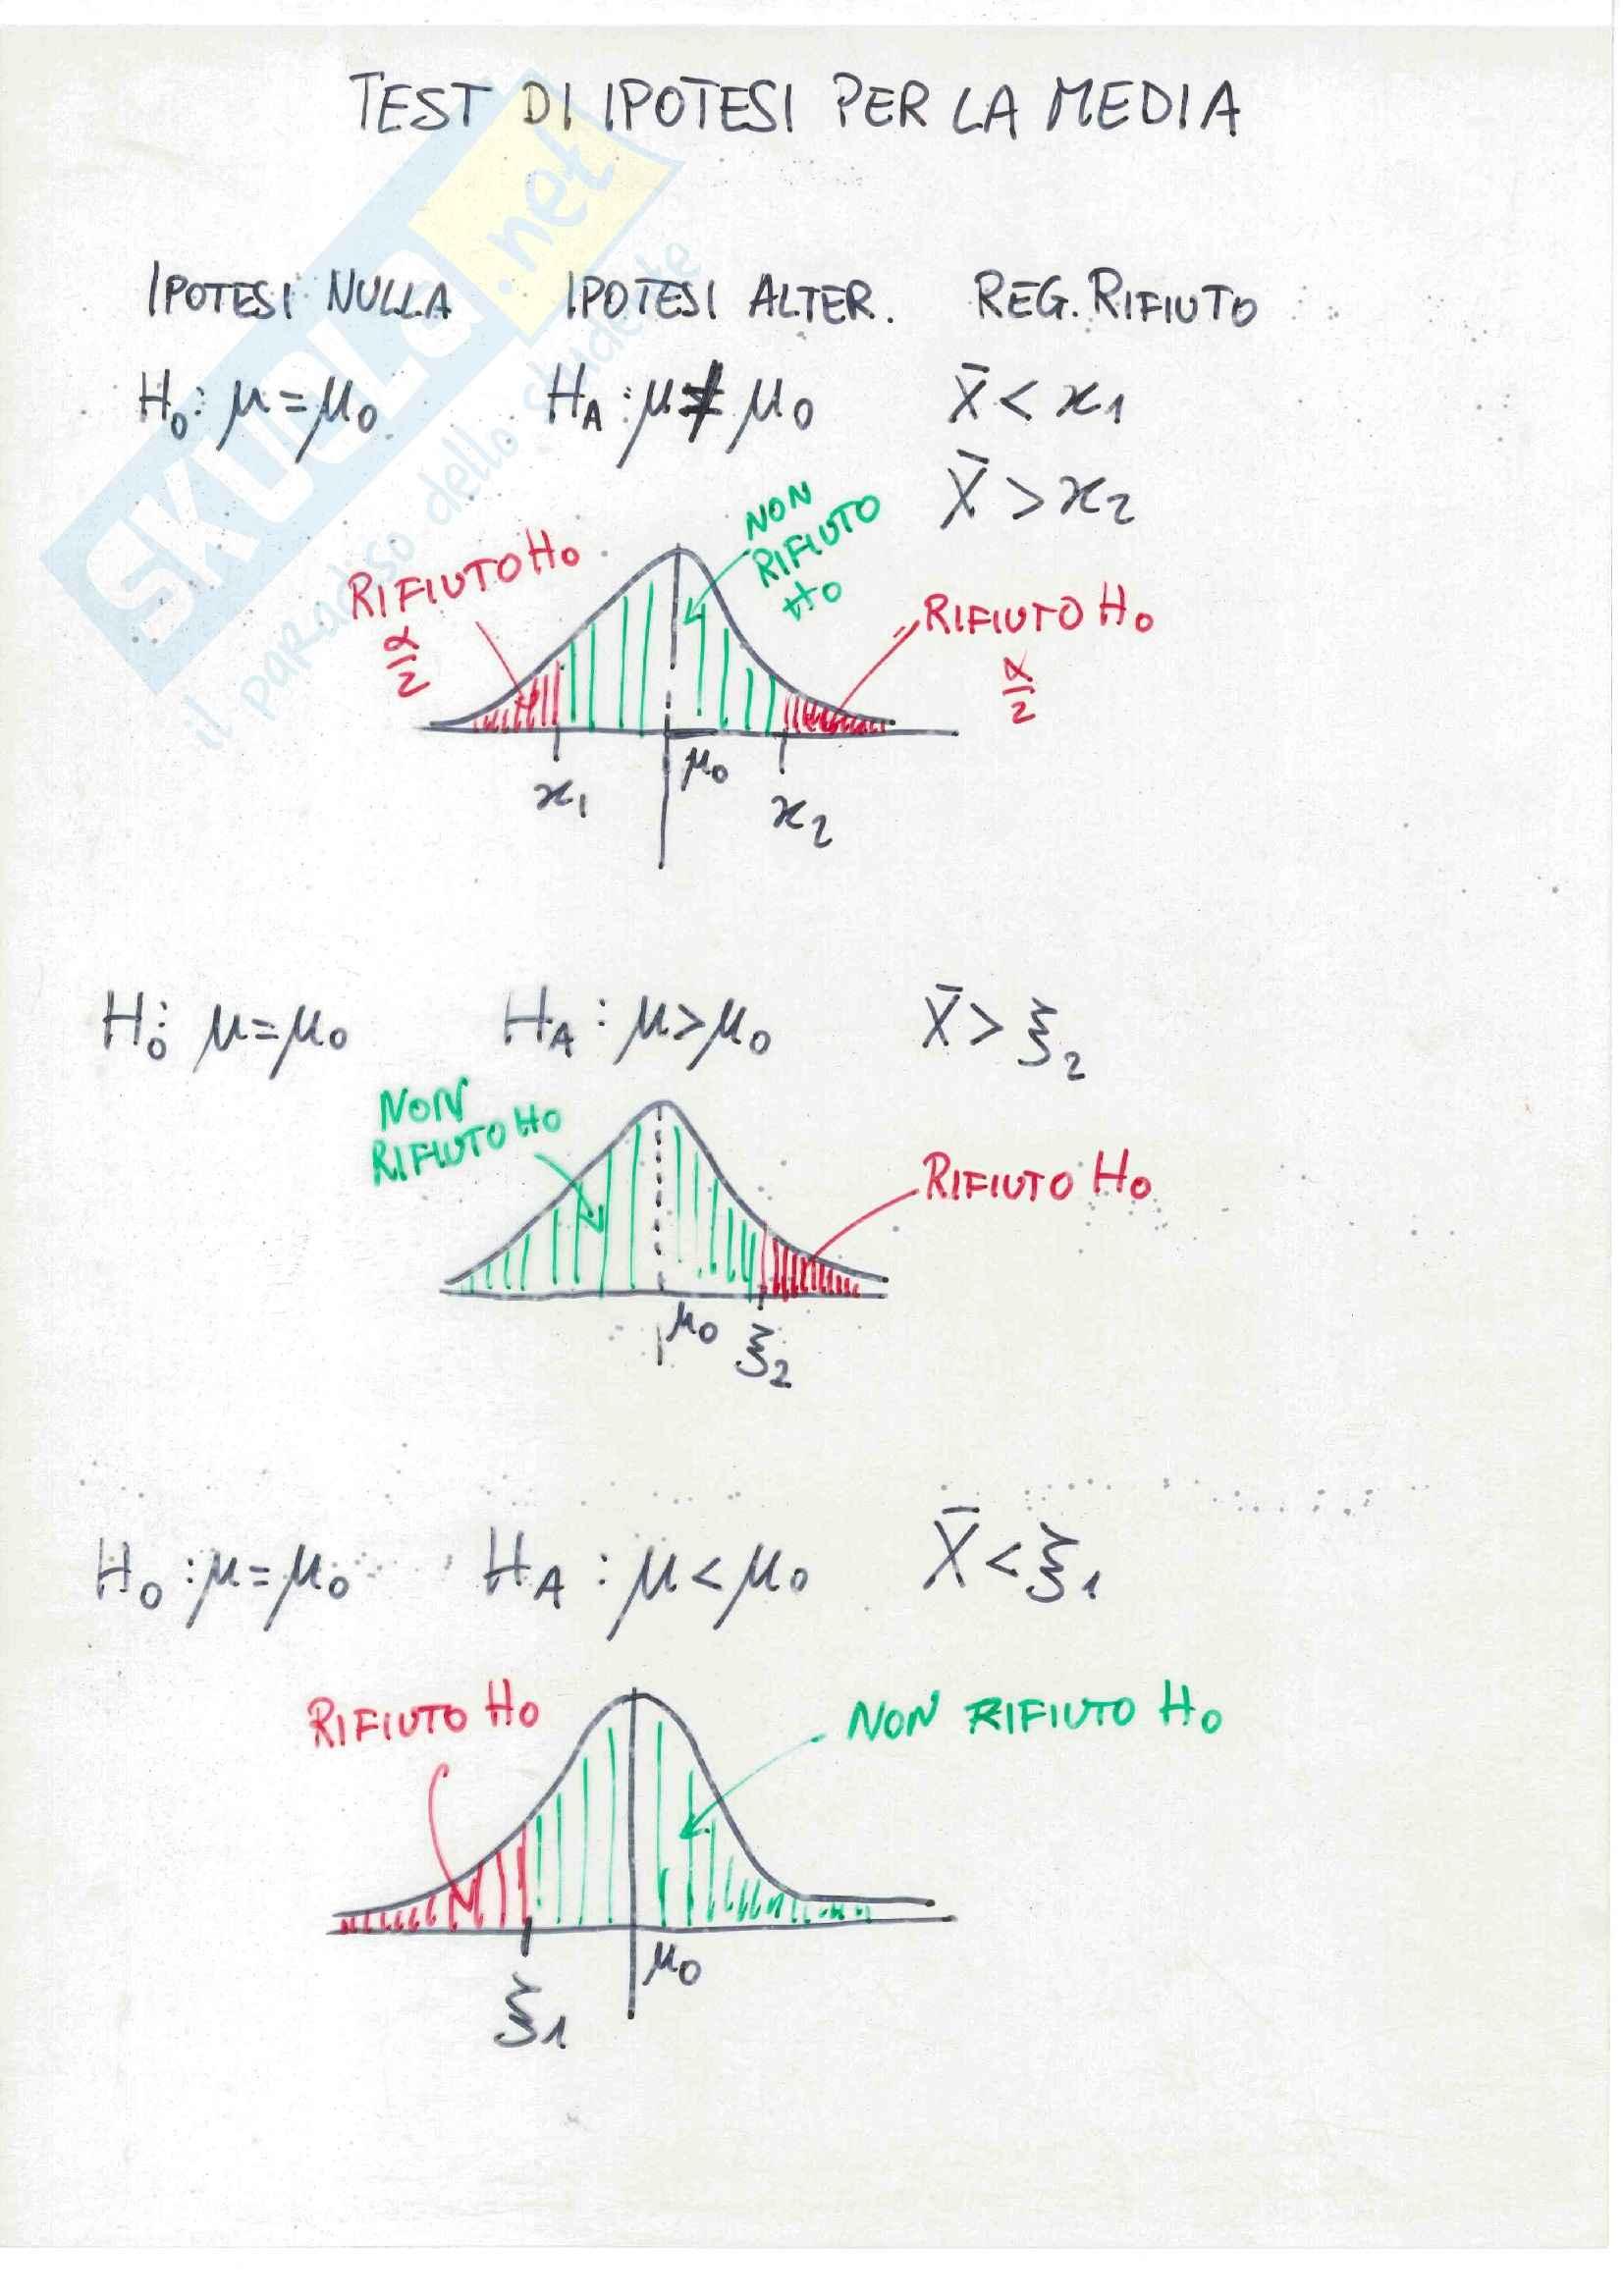 Statitica e calcolo delle probabilità - Test di ipotesi